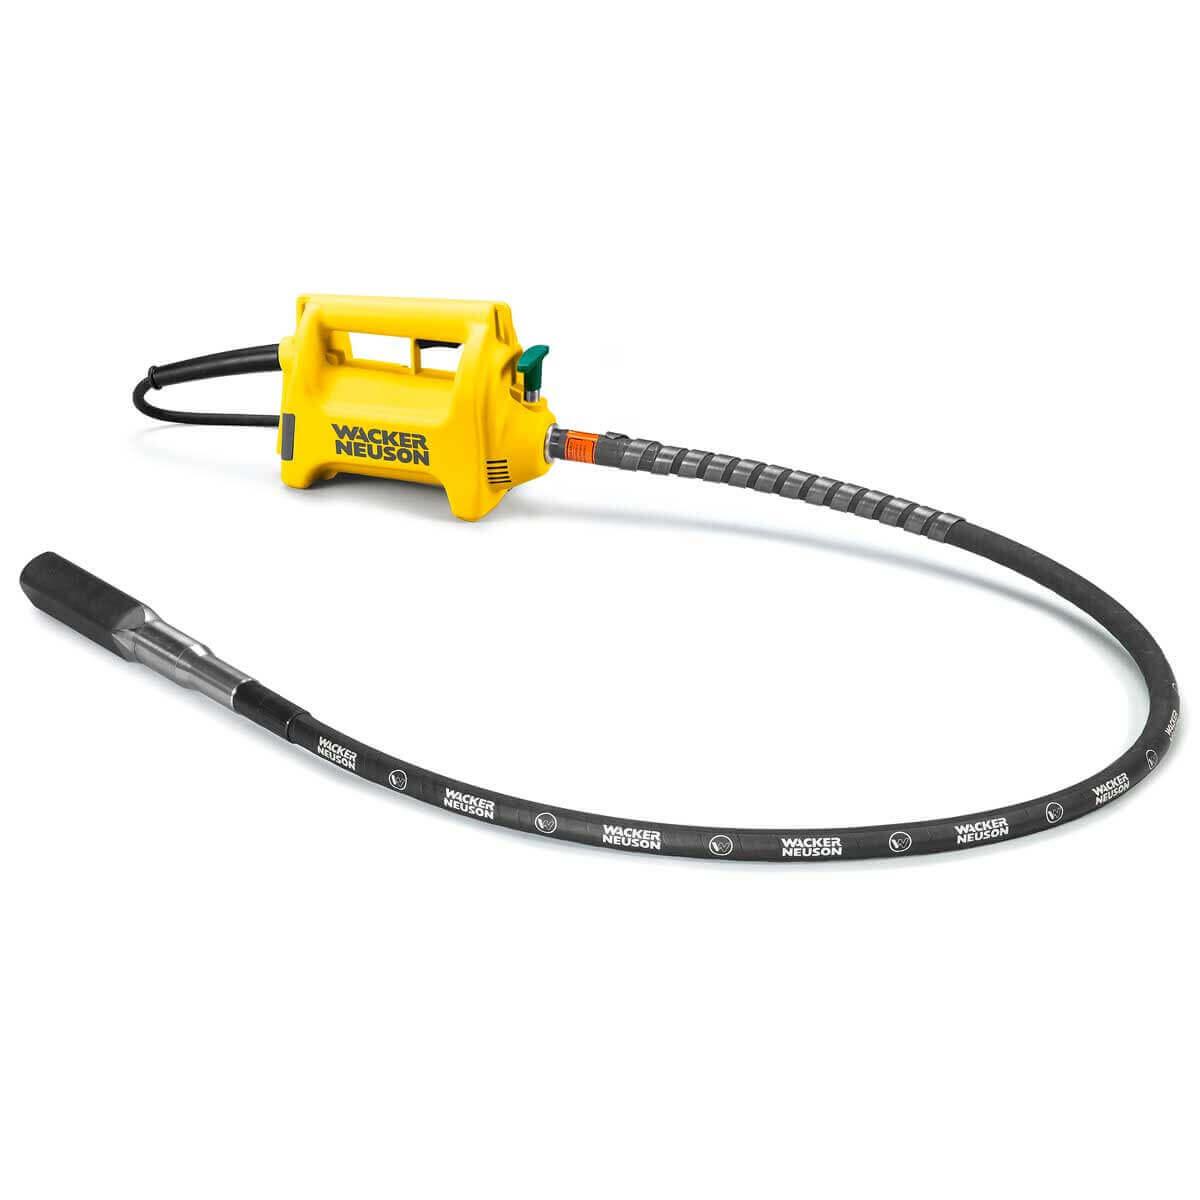 Jitterbug concreat vibrator